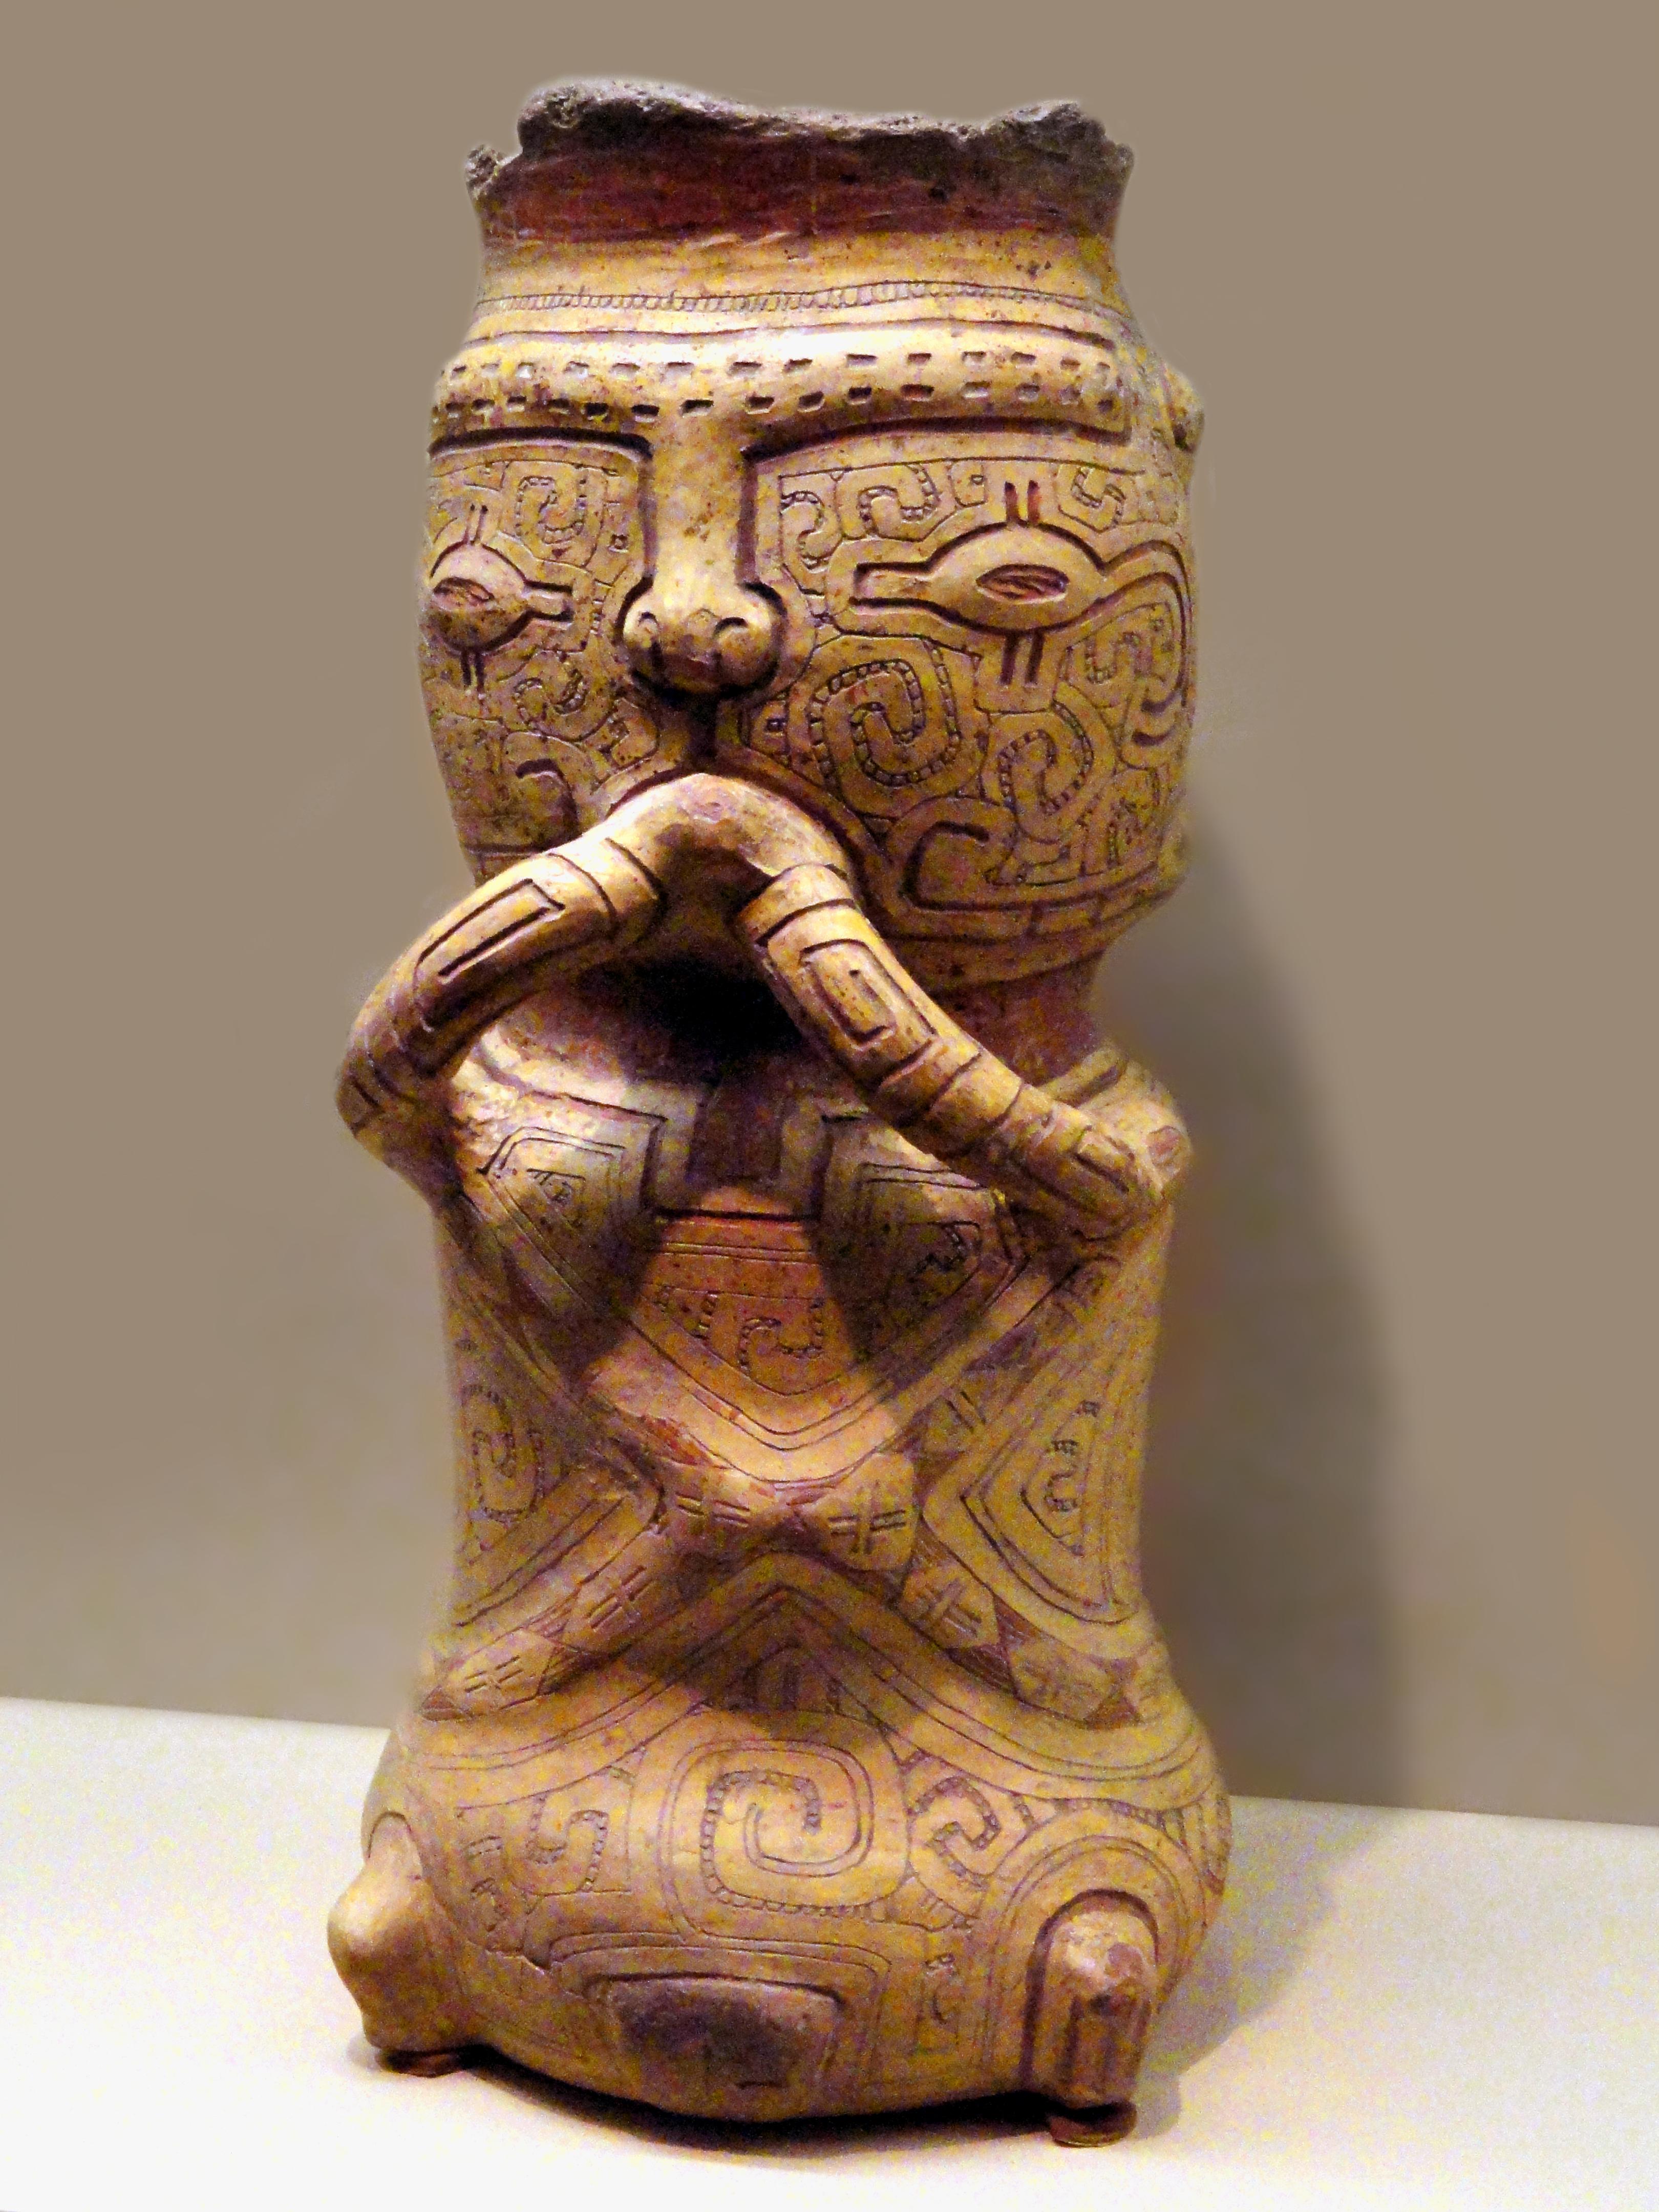 http://upload.wikimedia.org/wikipedia/commons/c/ca/Burian_urn%2C_AD_1000-1250%2C_Marajoara_culture_-_AMNH_-_DSC06177_b.jpg